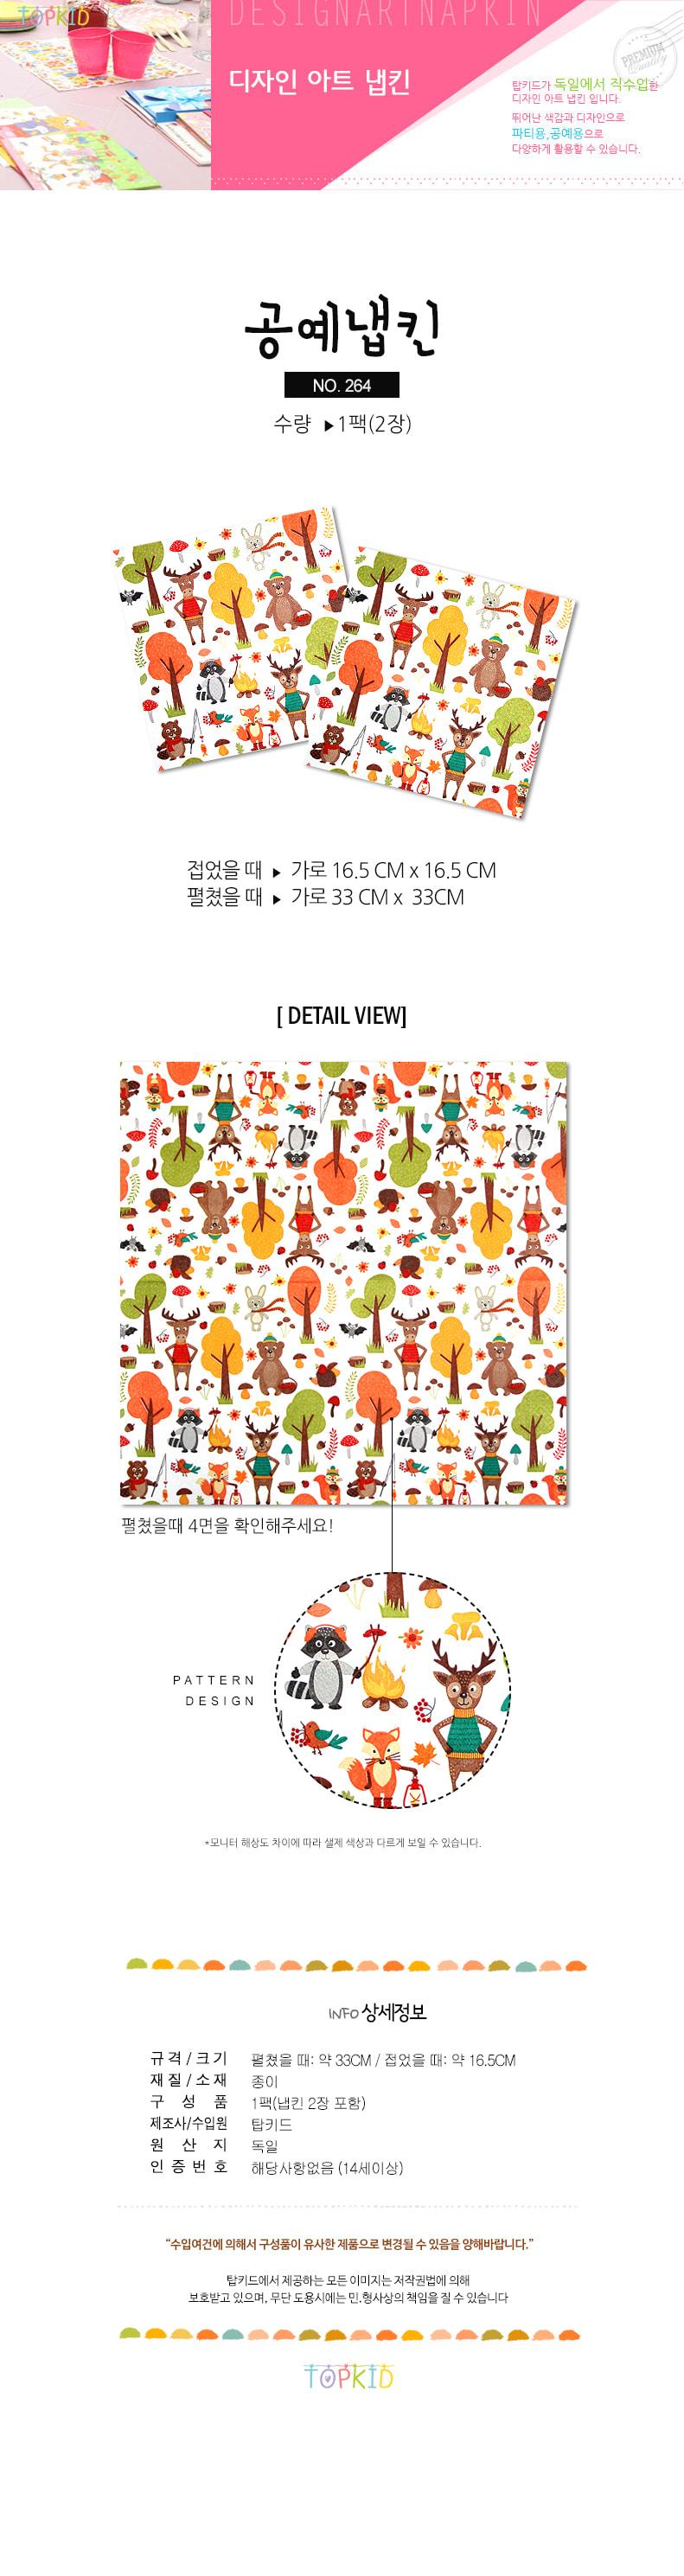 냅킨아트 Napkin 264(2장) - 하비파티, 1,100원, 종이공예/북아트, 종이공예 부자재